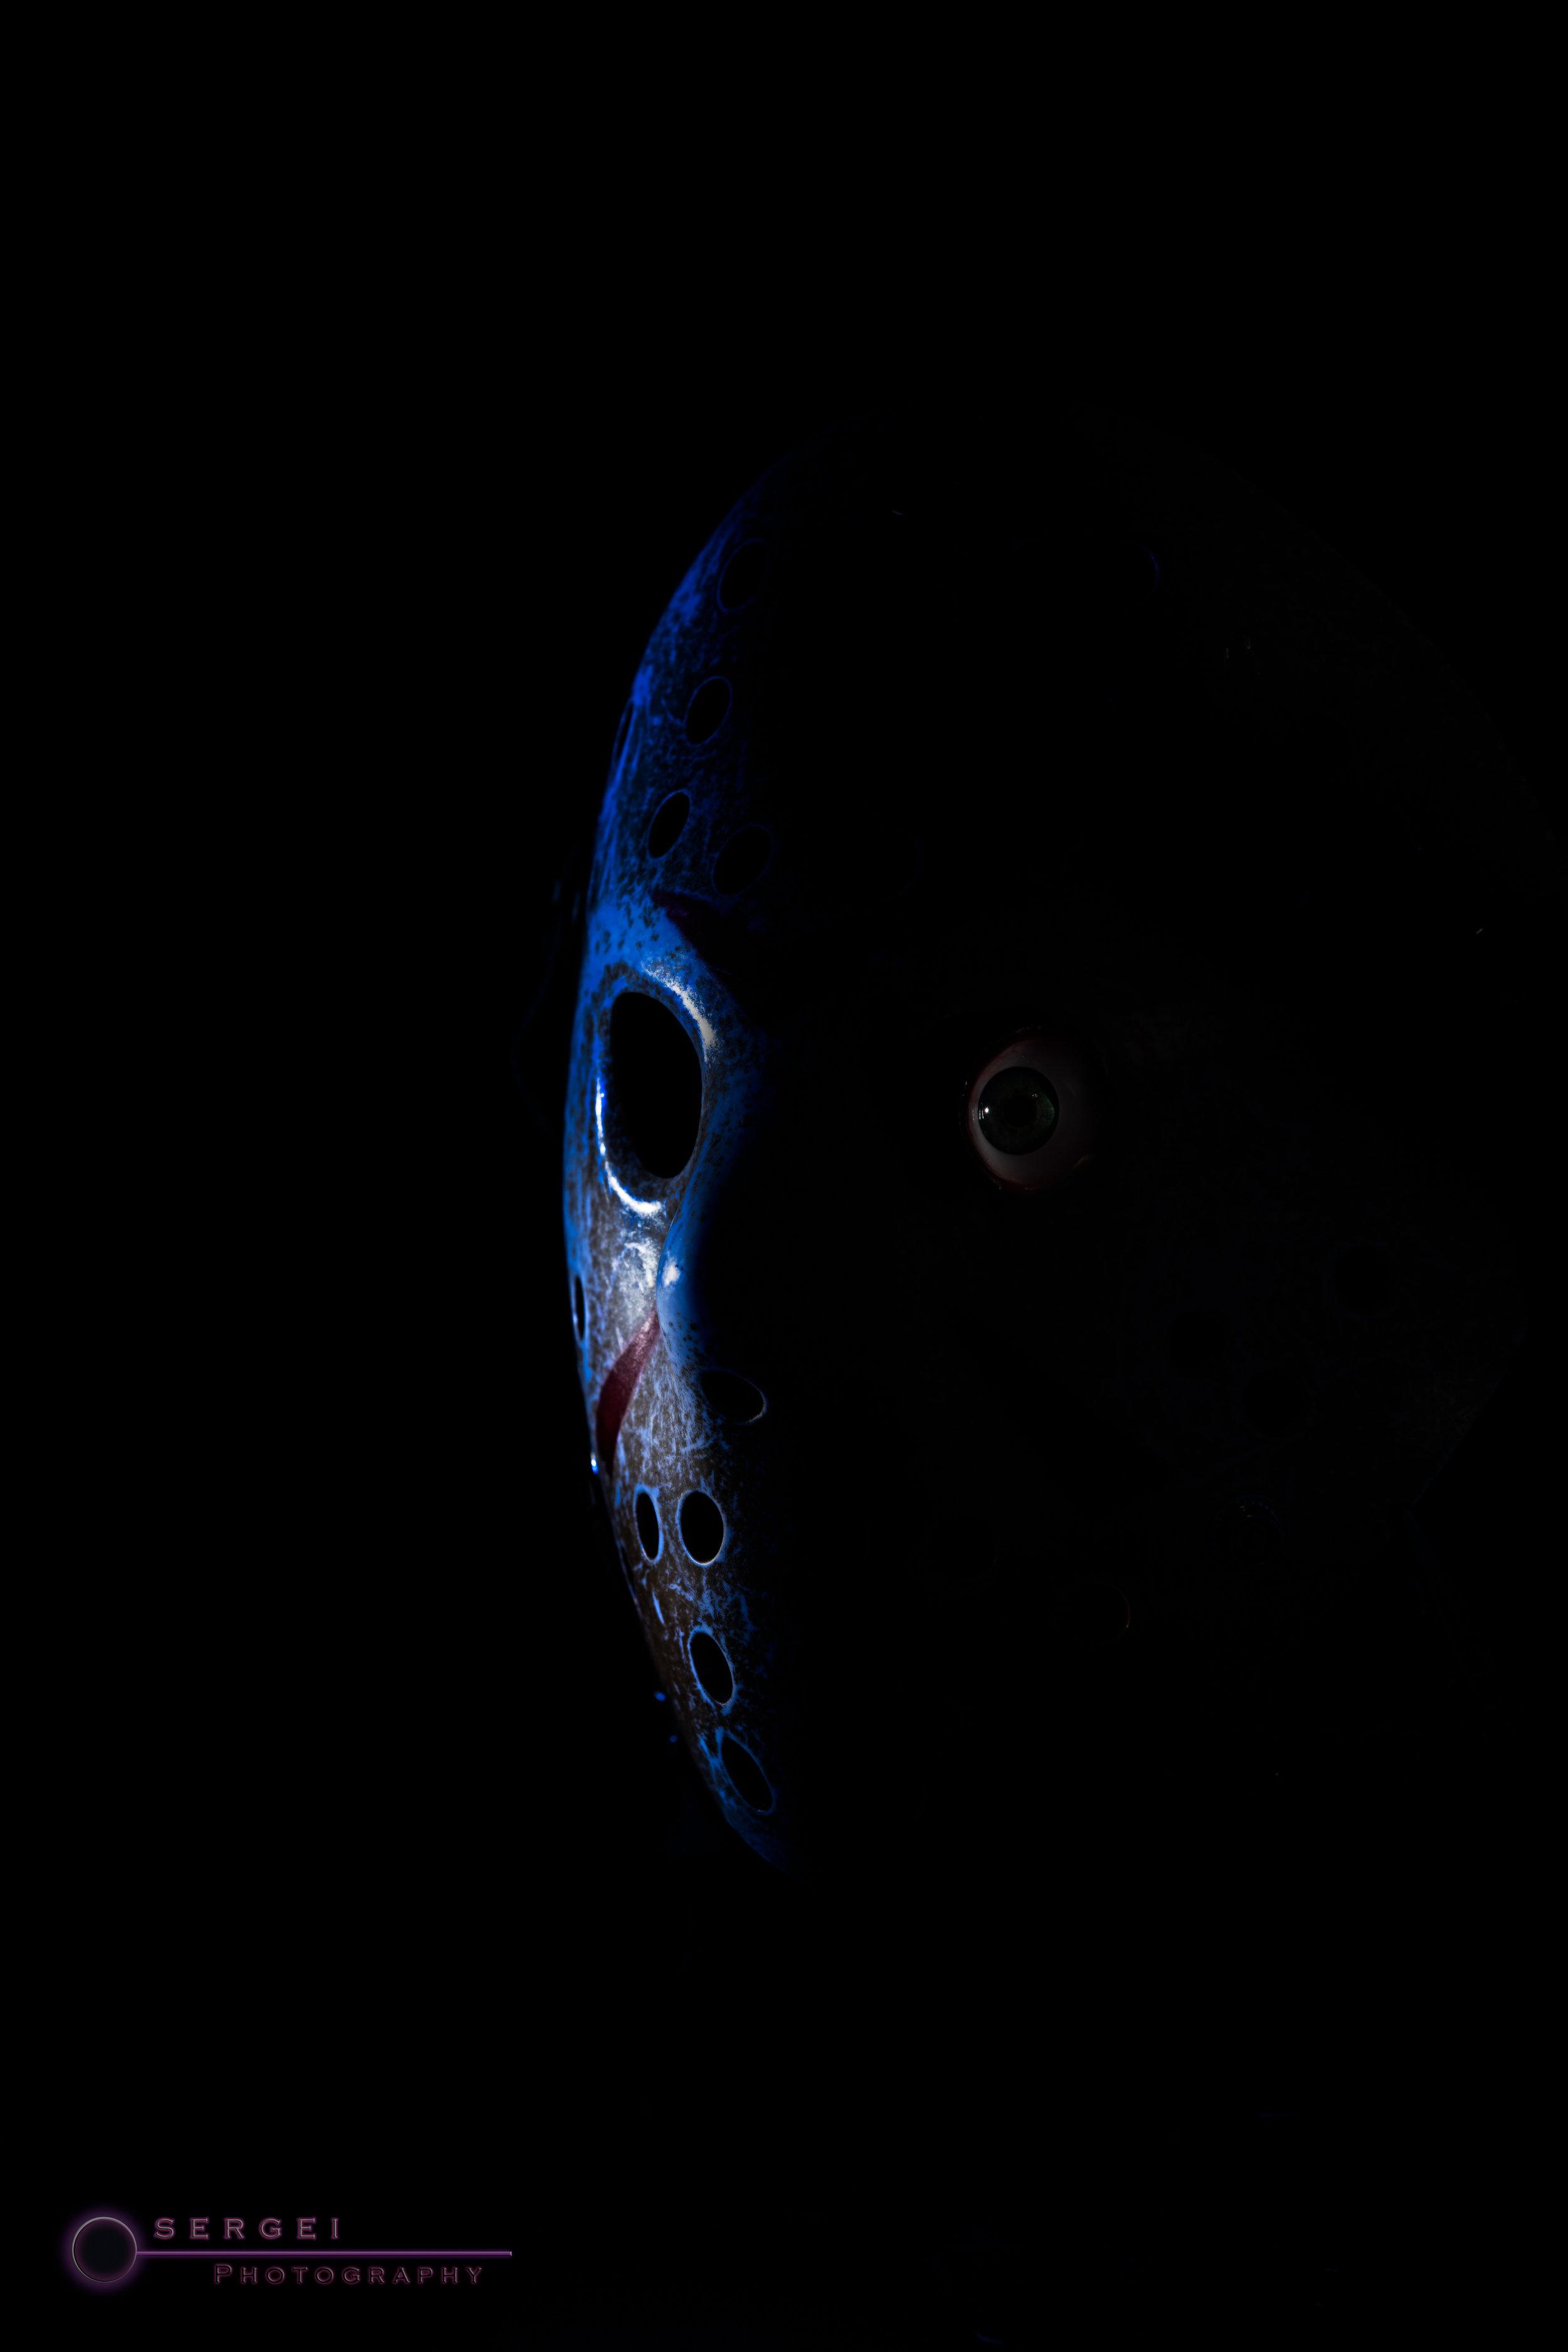 Jason_Mask-9681-378.jpg